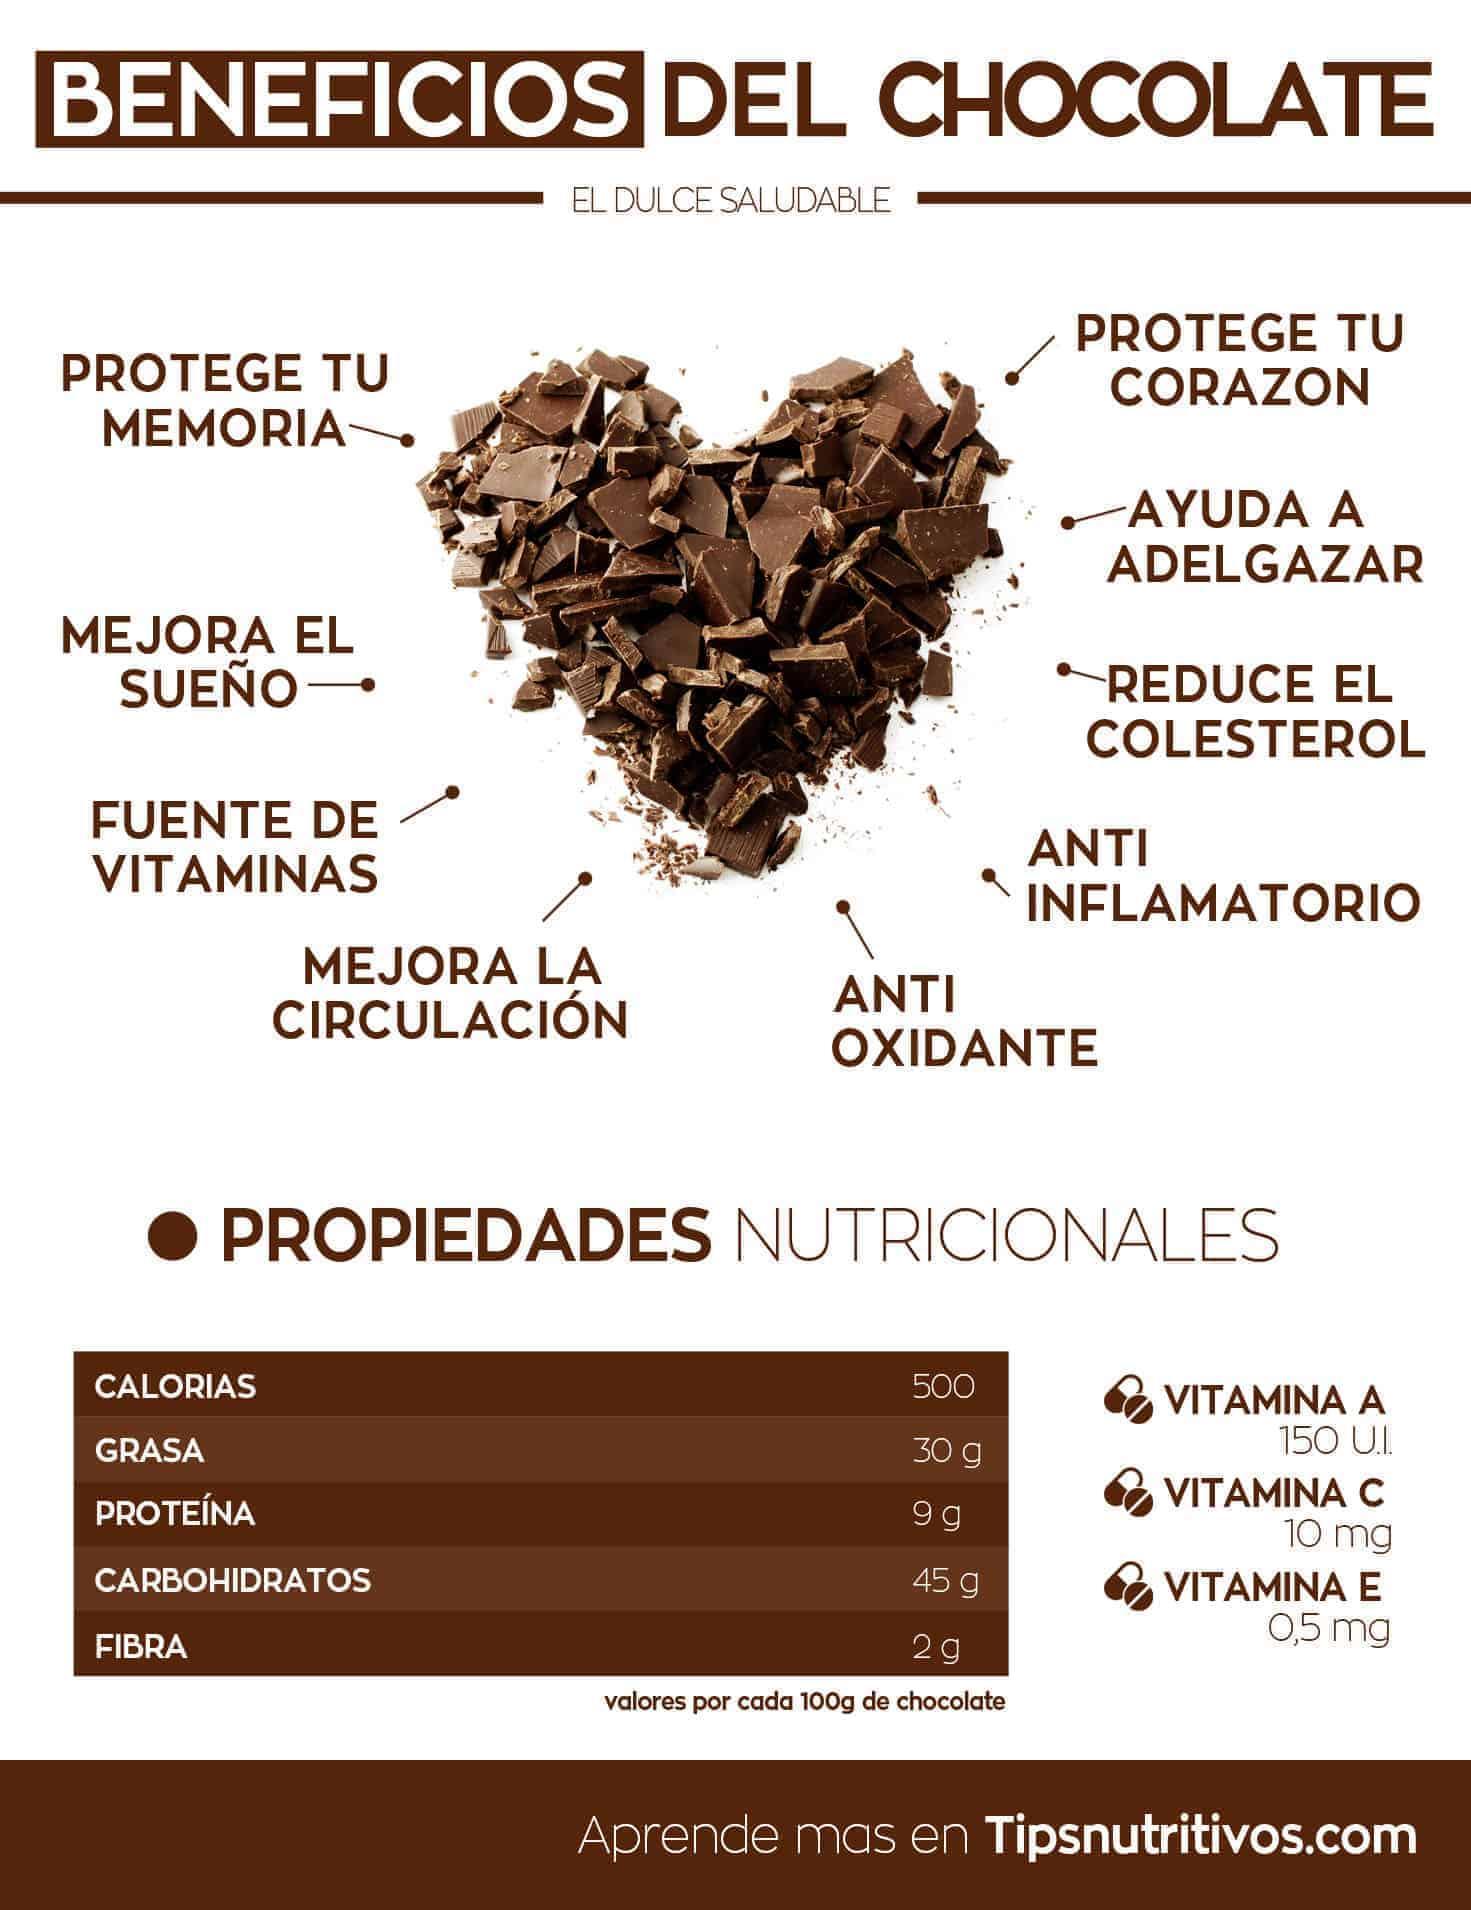 Beneficios del chocolate